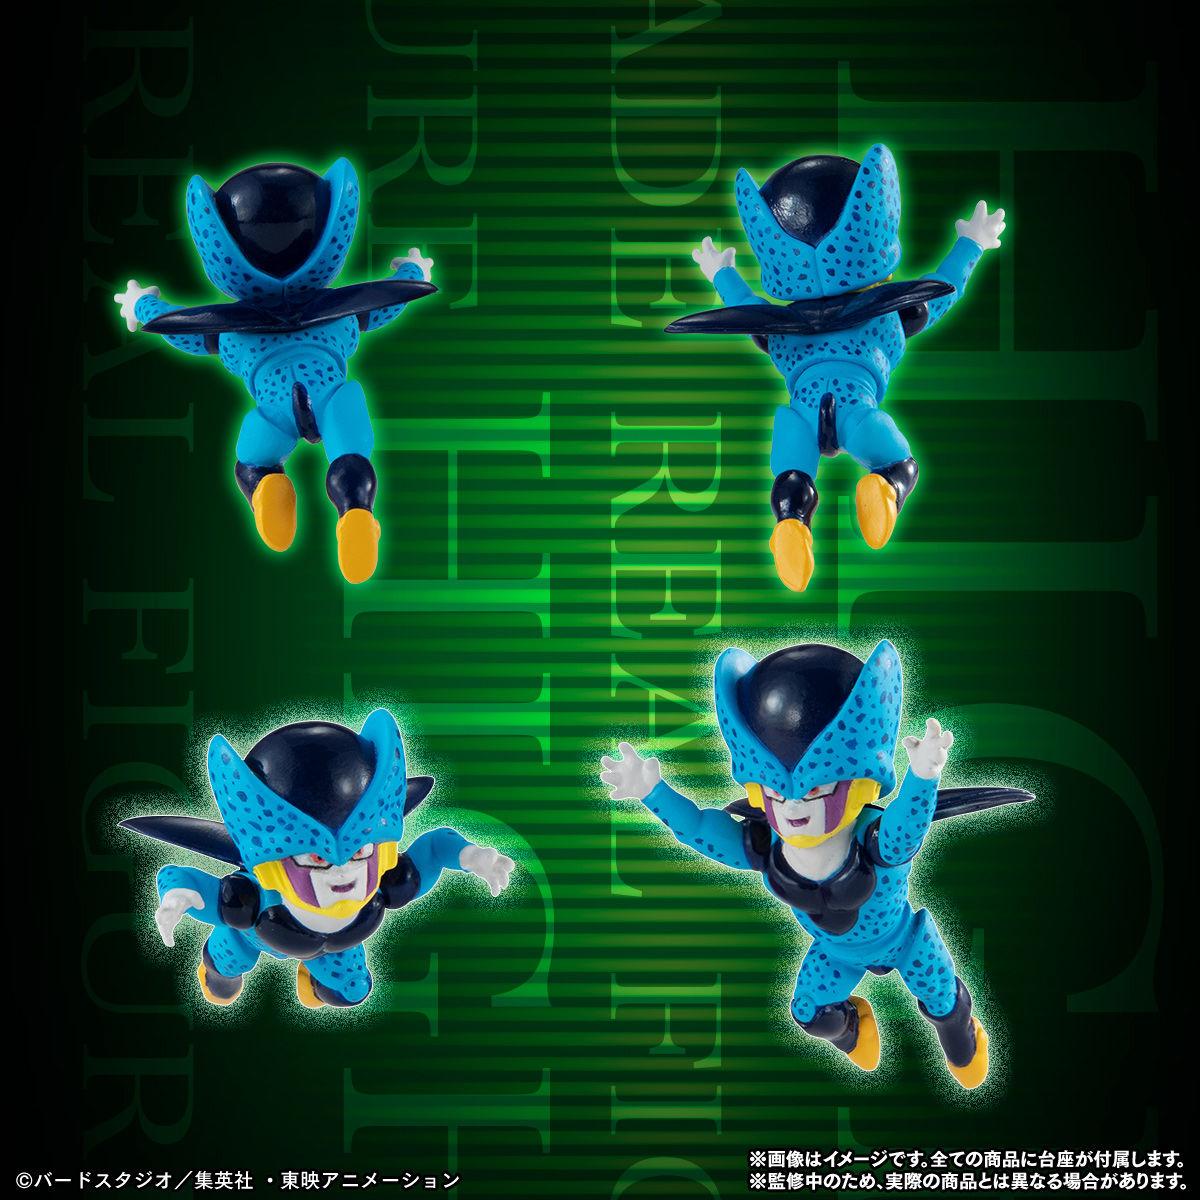 【限定販売】HGシリーズ『HG ドラゴンボール セル完全セット』全8種-006